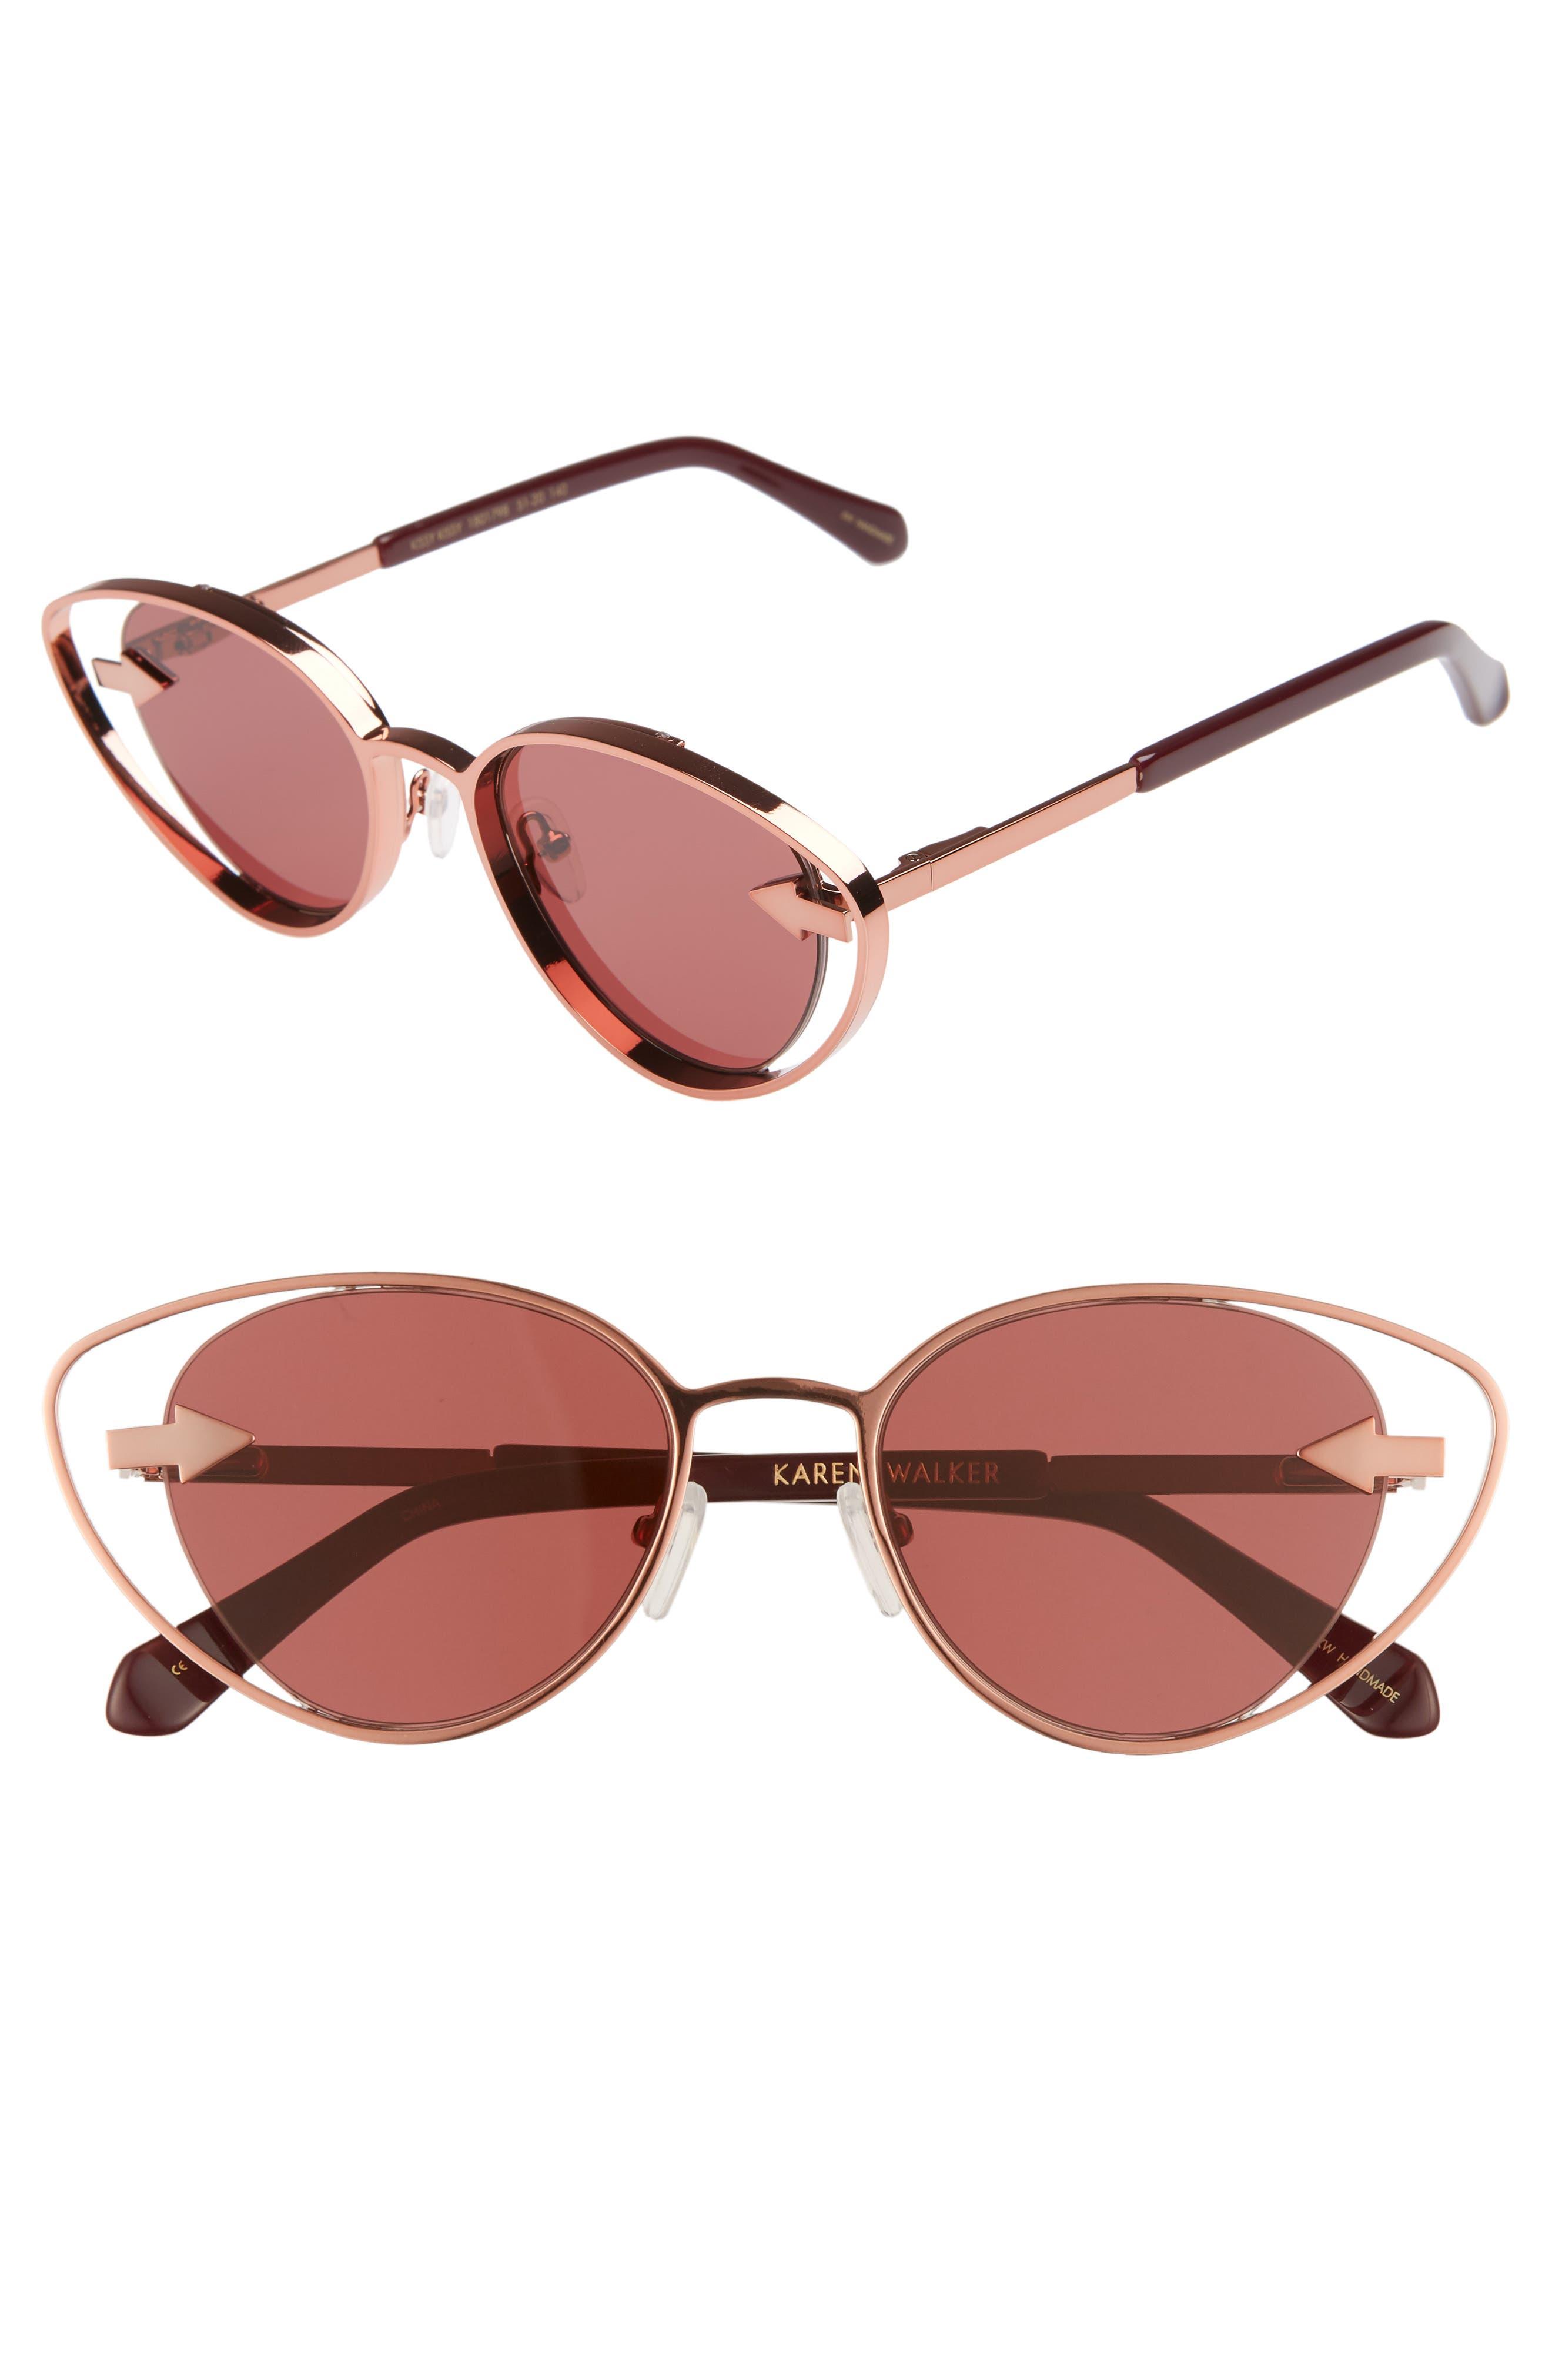 c8ab7f0ed585 Karen Walker Sunglasses